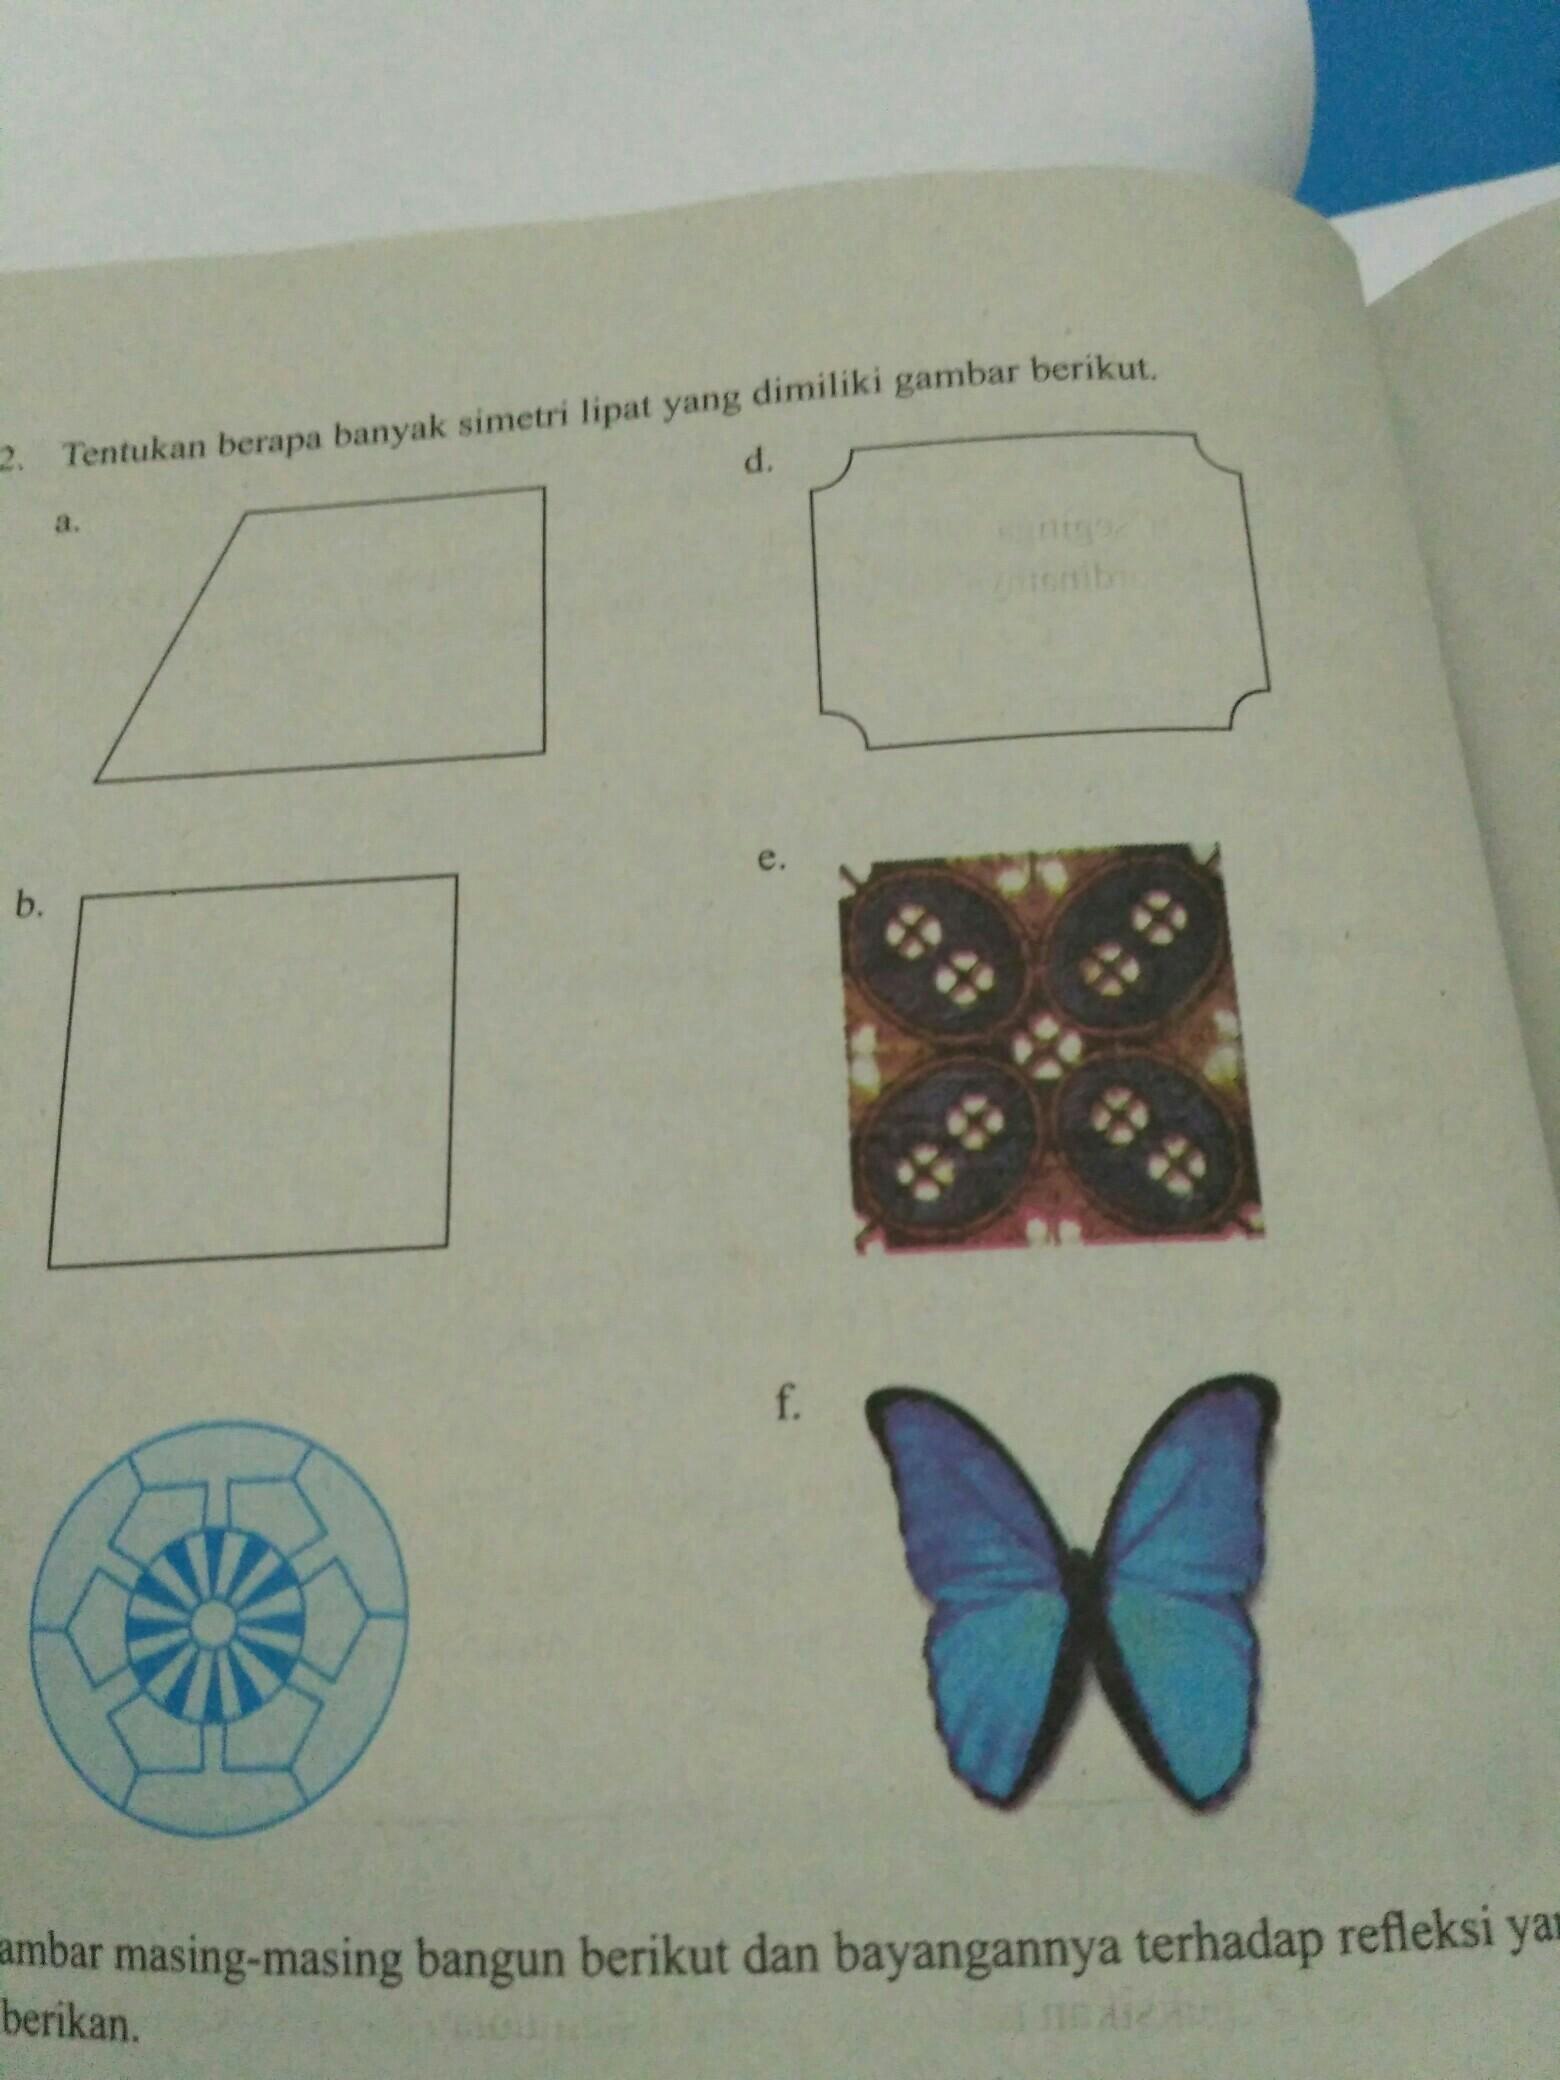 Tentukan Jumlah Simetri Lipat Pada Bangun Datar Berikut : tentukan, jumlah, simetri, lipat, bangun, datar, berikut, Tentukan, Berapa, Banyak, Sumbu, Simetri, Lipat, Brainly.co.id